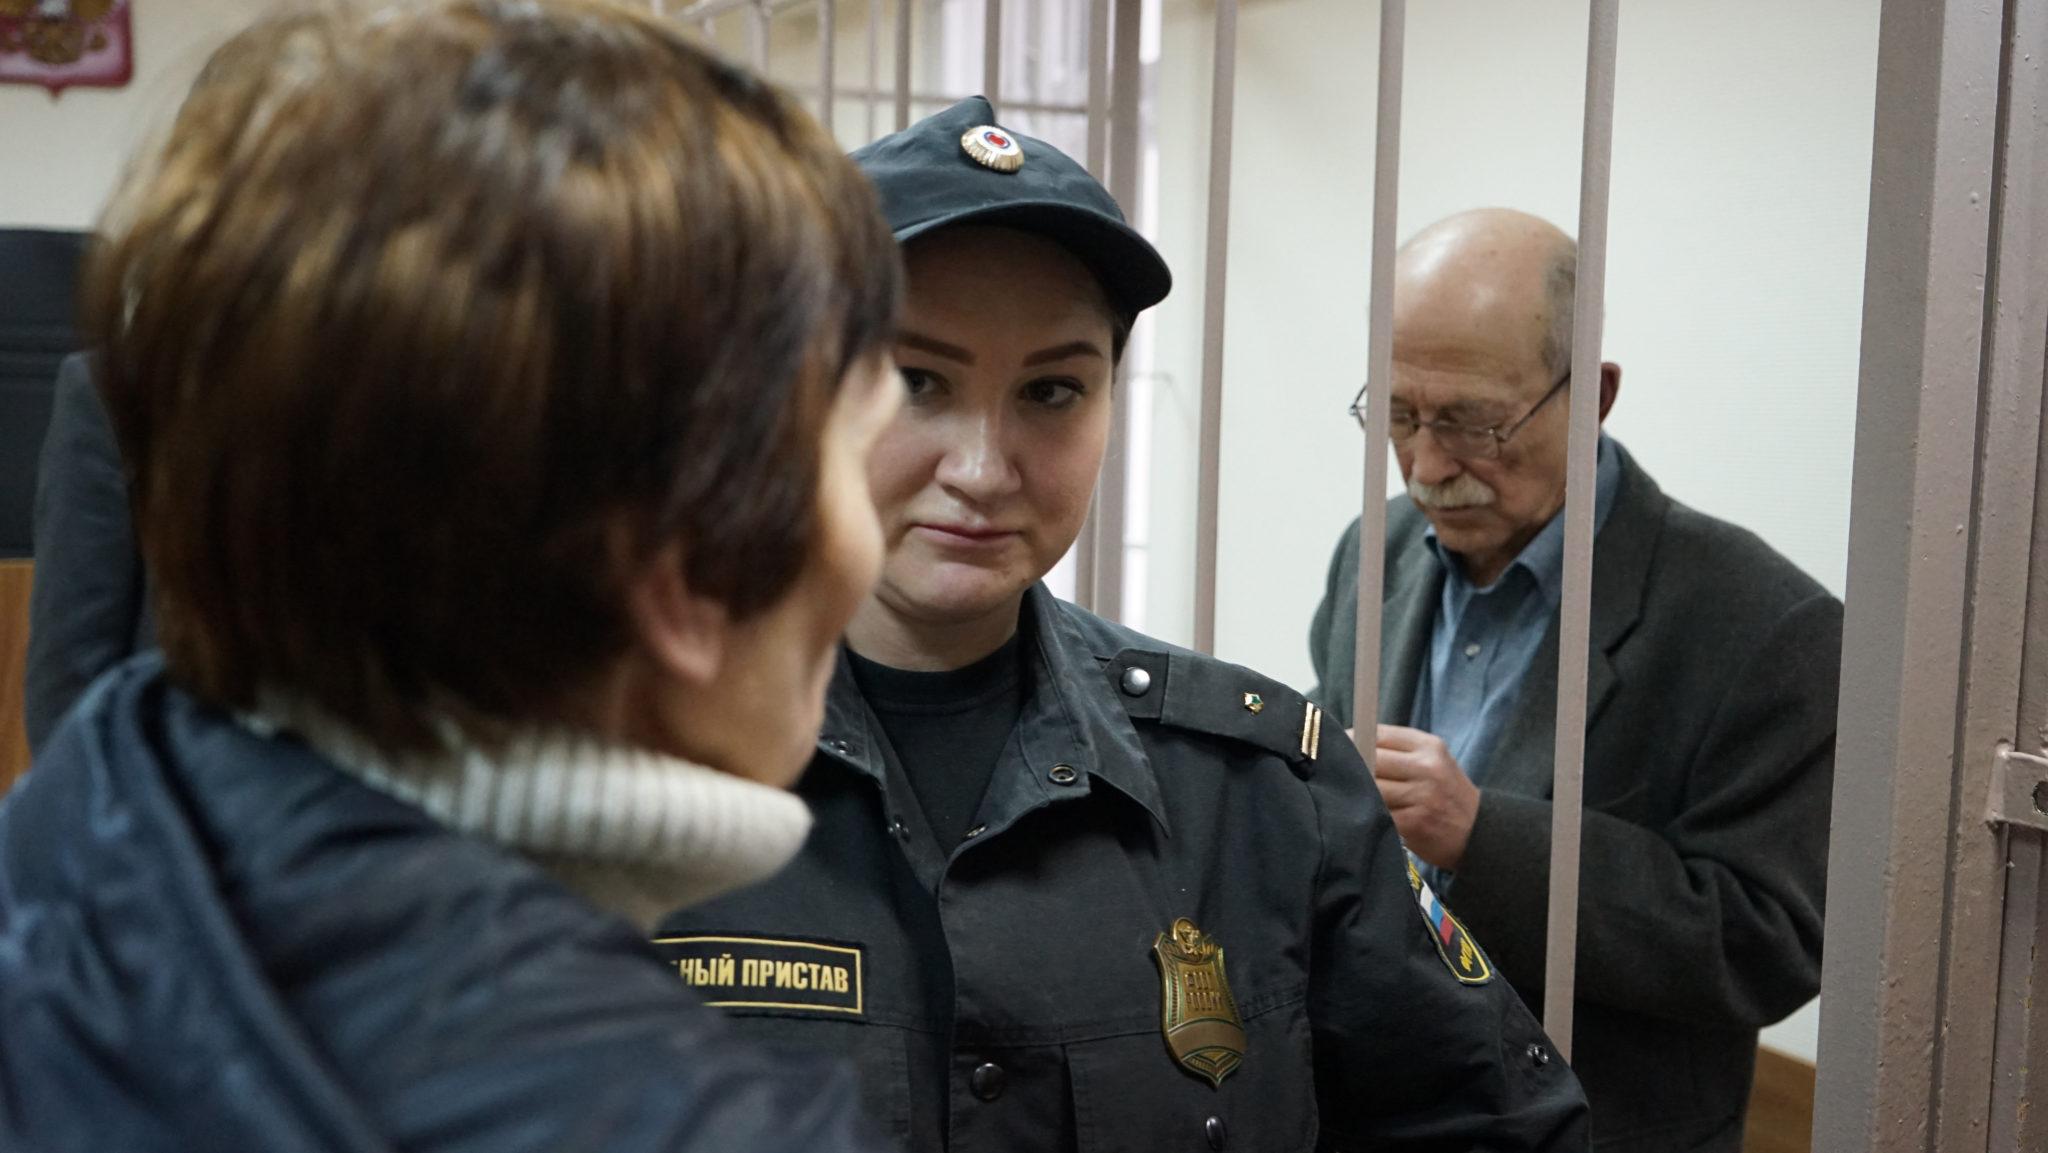 Виктор Кудрявцев с женой и судебным приставом